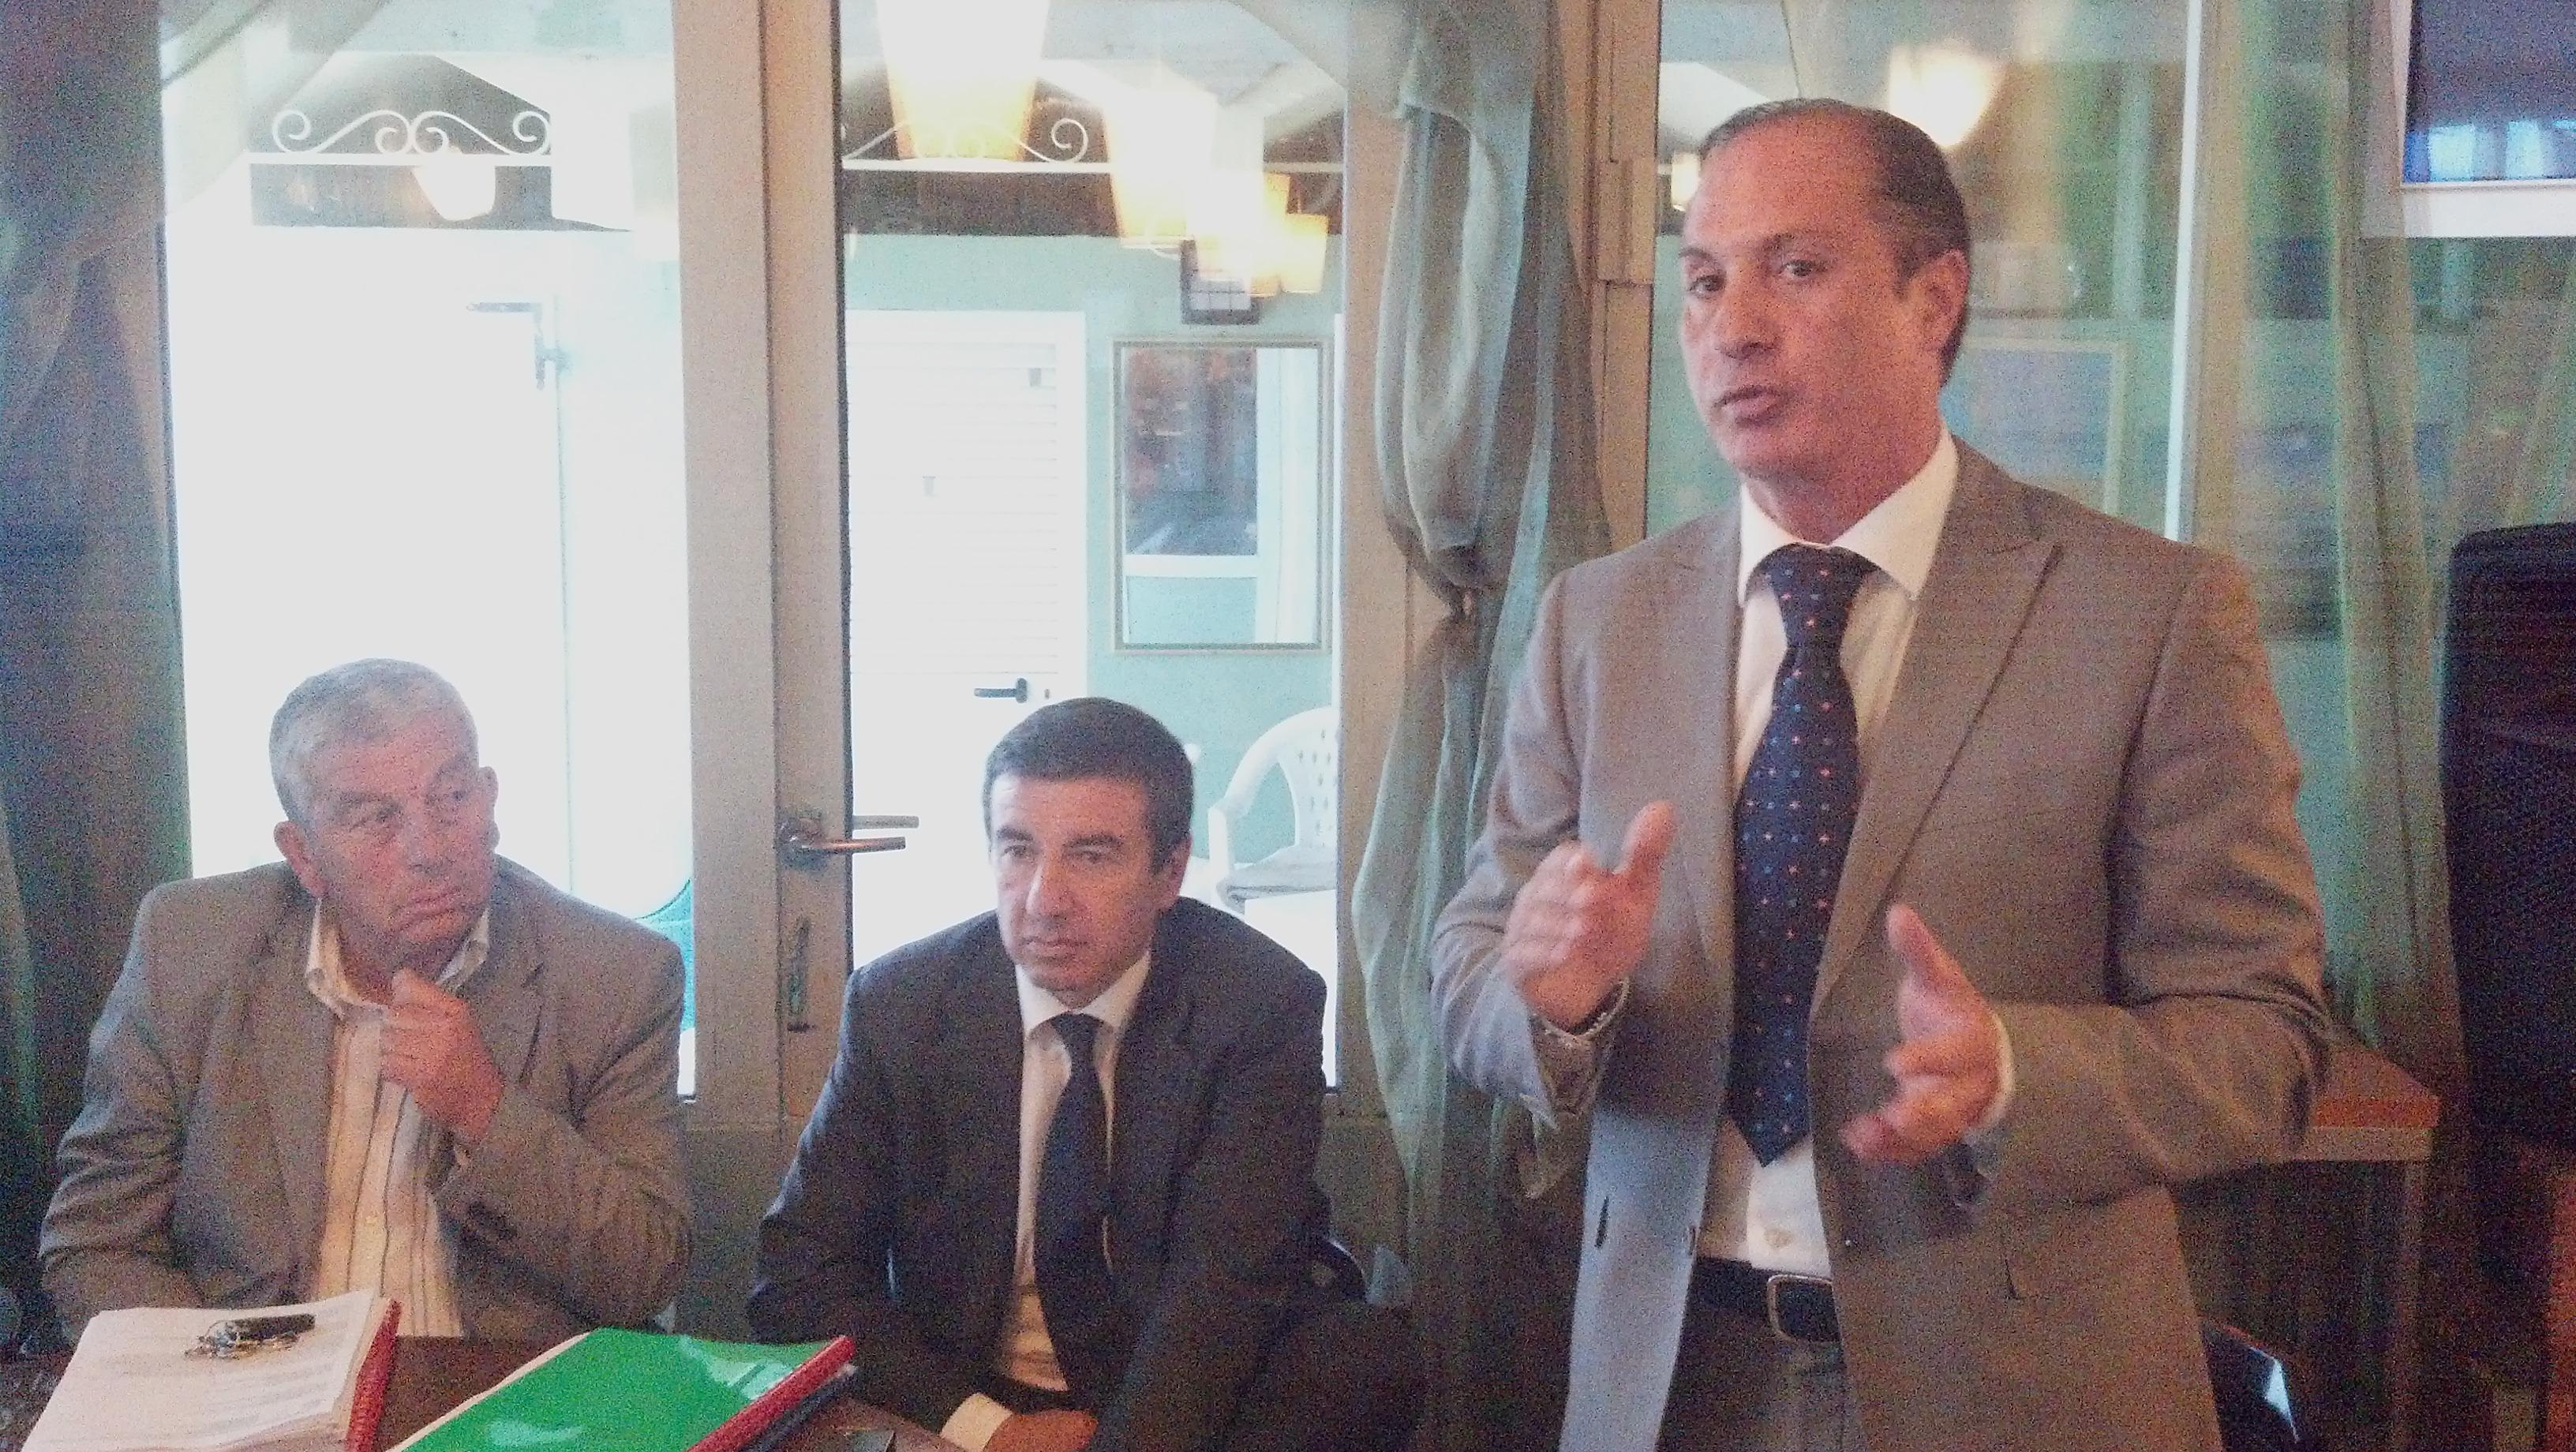 Filippo Olivieri sulla destra, affianco a lui il deputato Ignazio Abrignani e Giuseppe Ricci dell'Itb